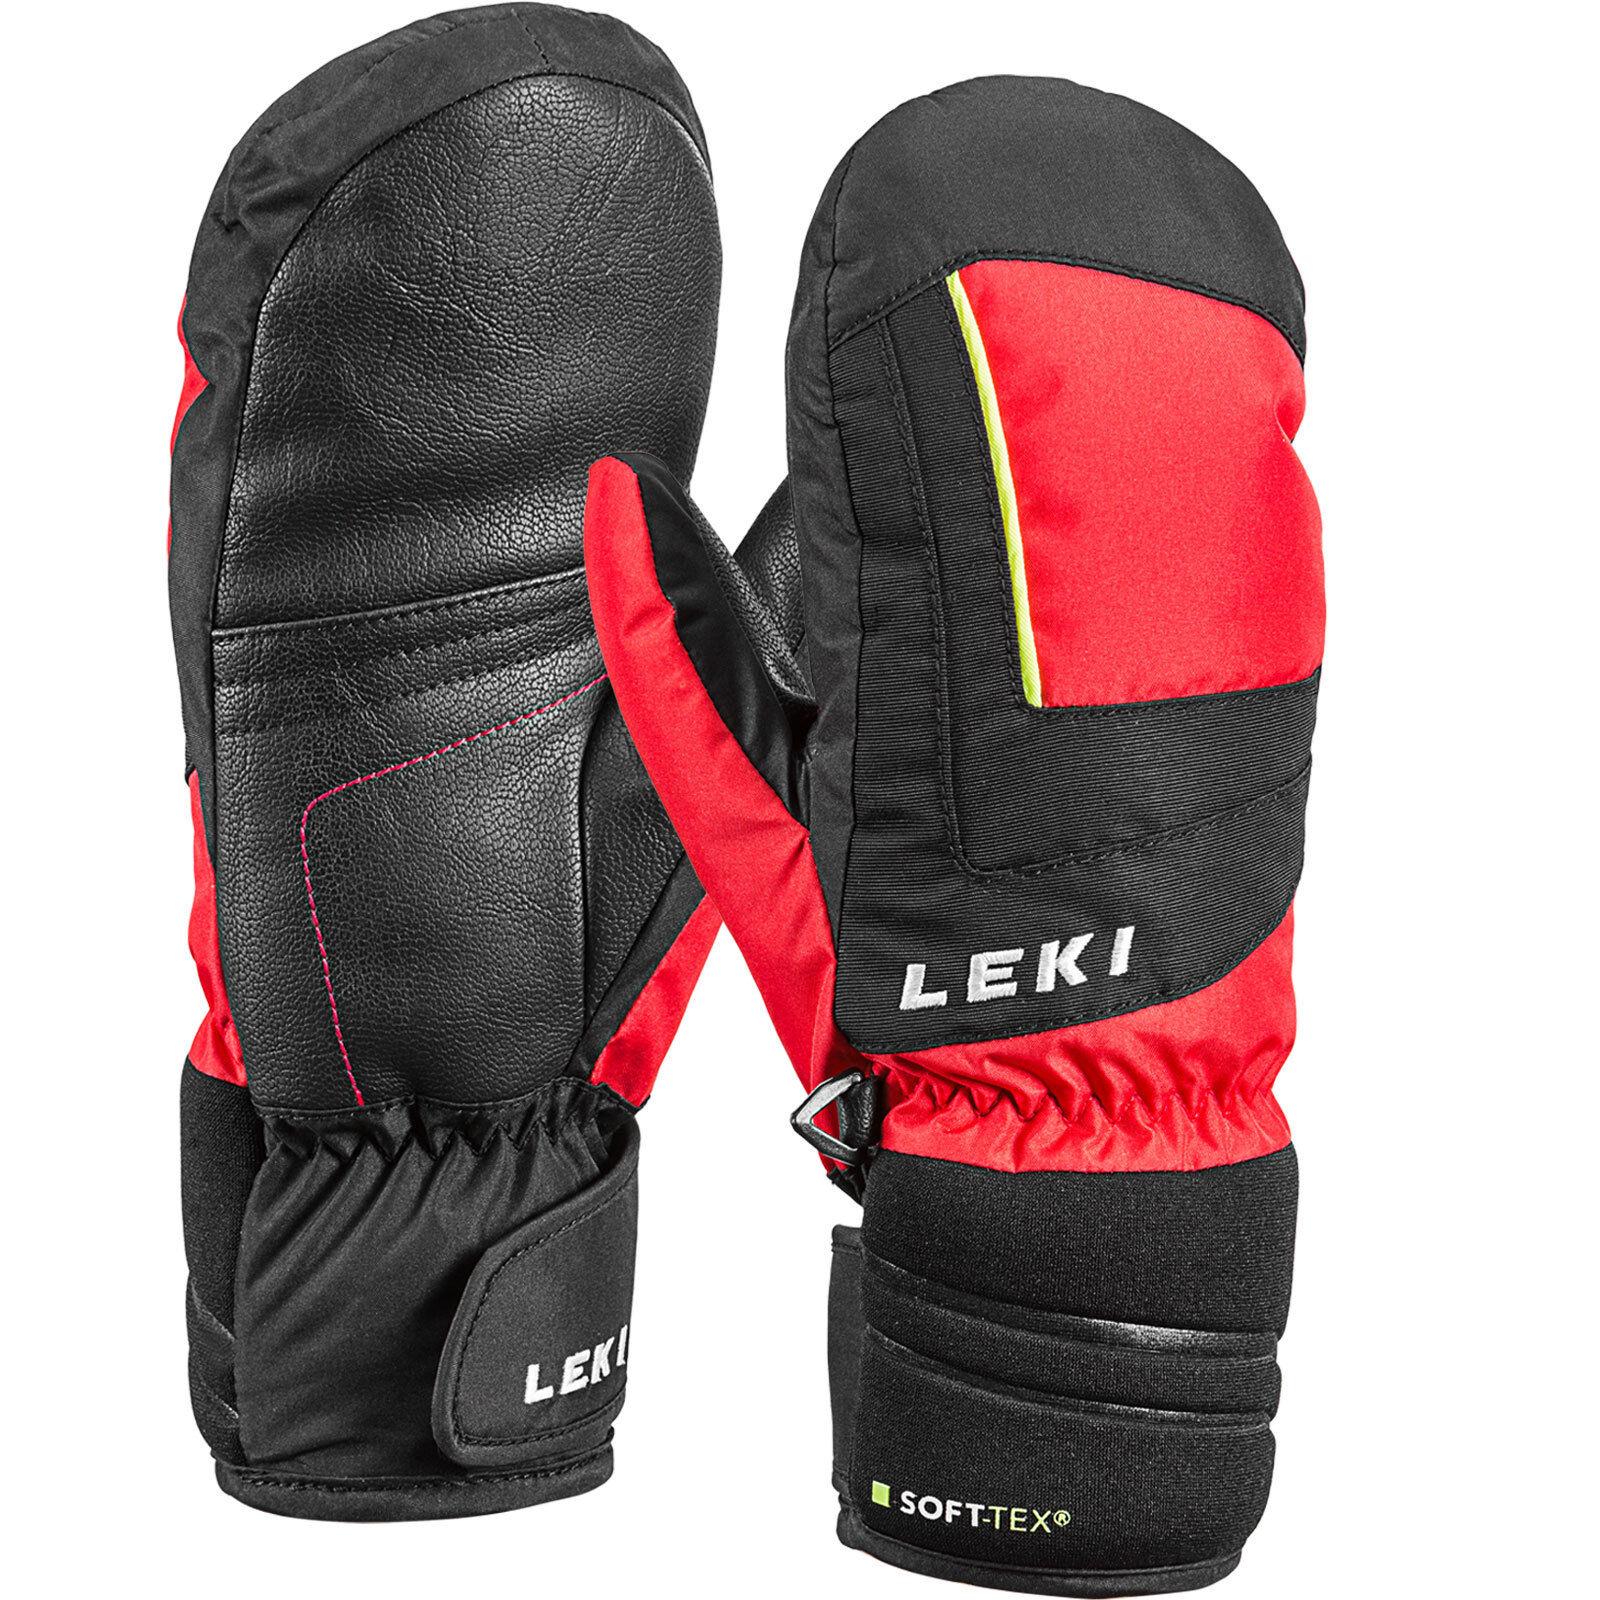 Leki Nico Junior Mitten Kinder-Handschuhe Mittens Mittens Ski Winter